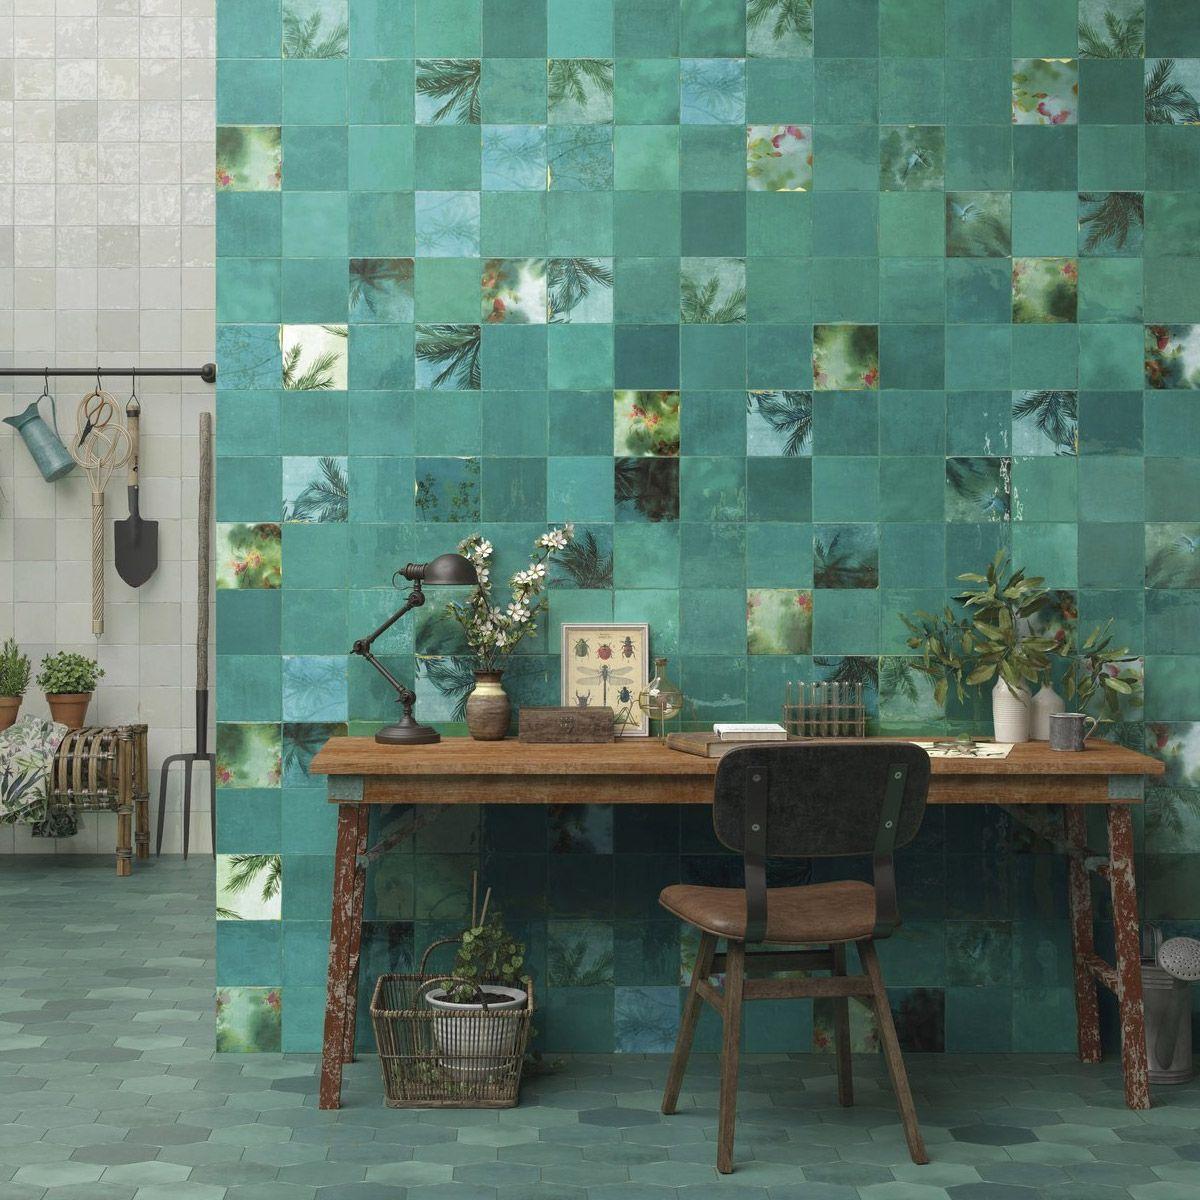 zellige teal  zellige tile patterned bathroom tiles